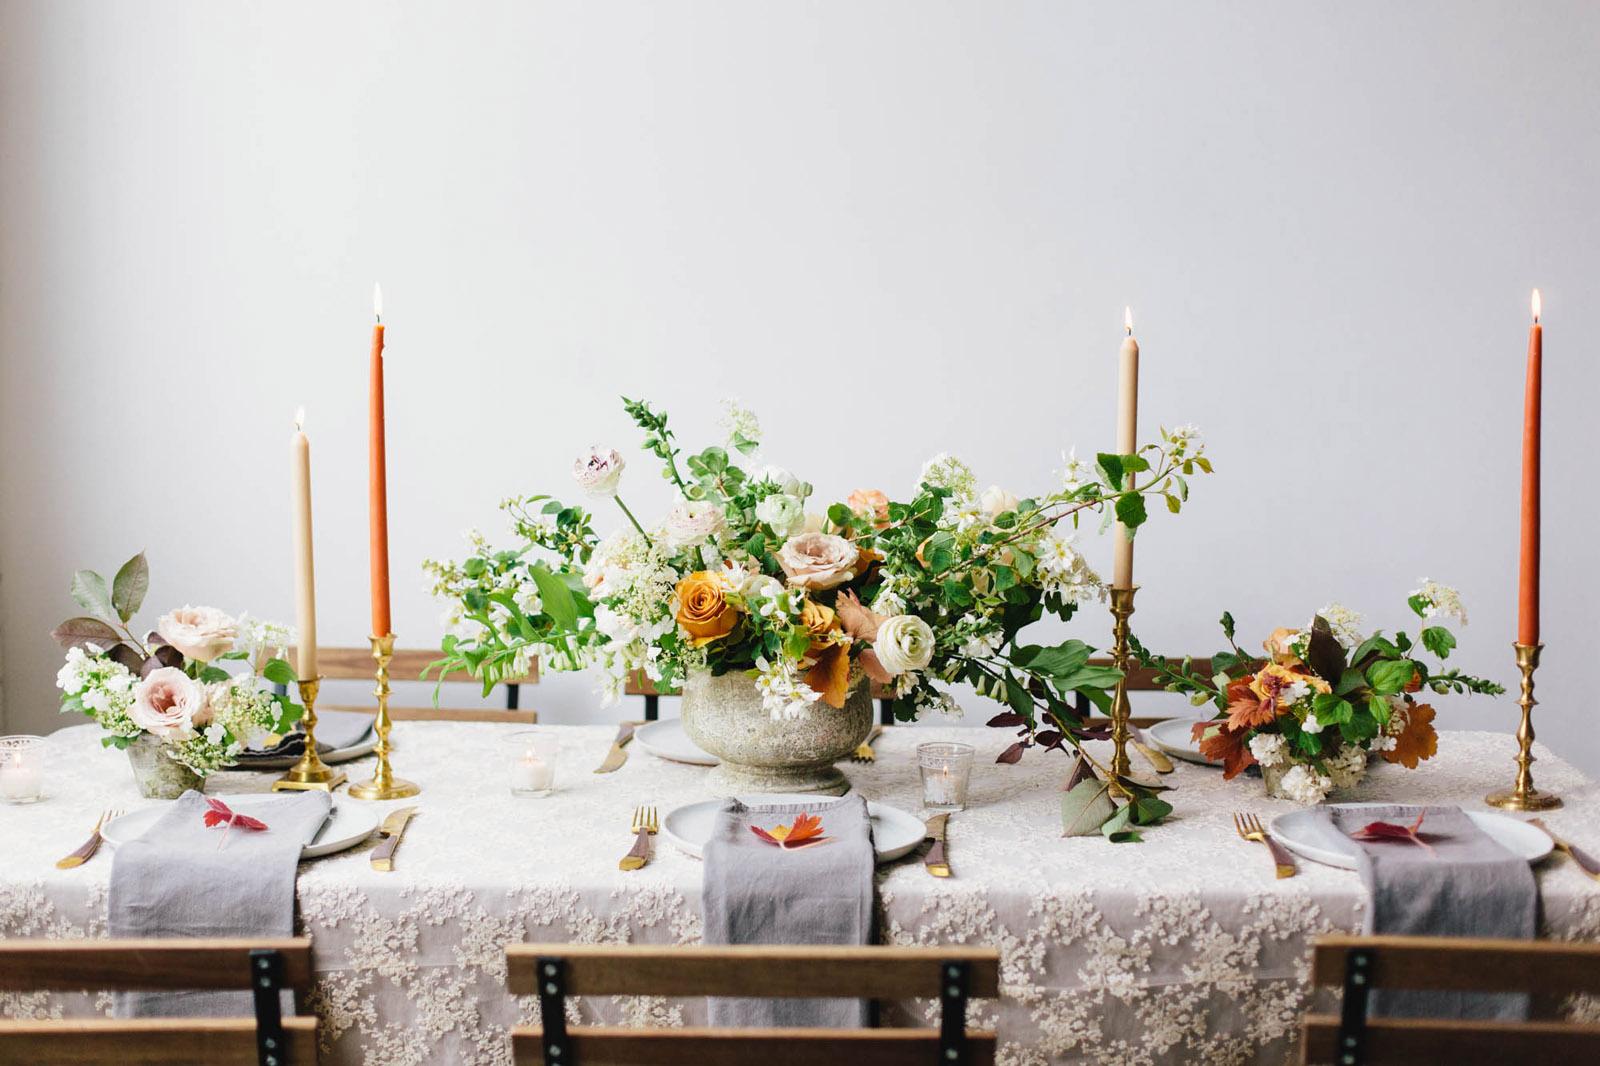 labeillefleuriste-mariage-01.jpg